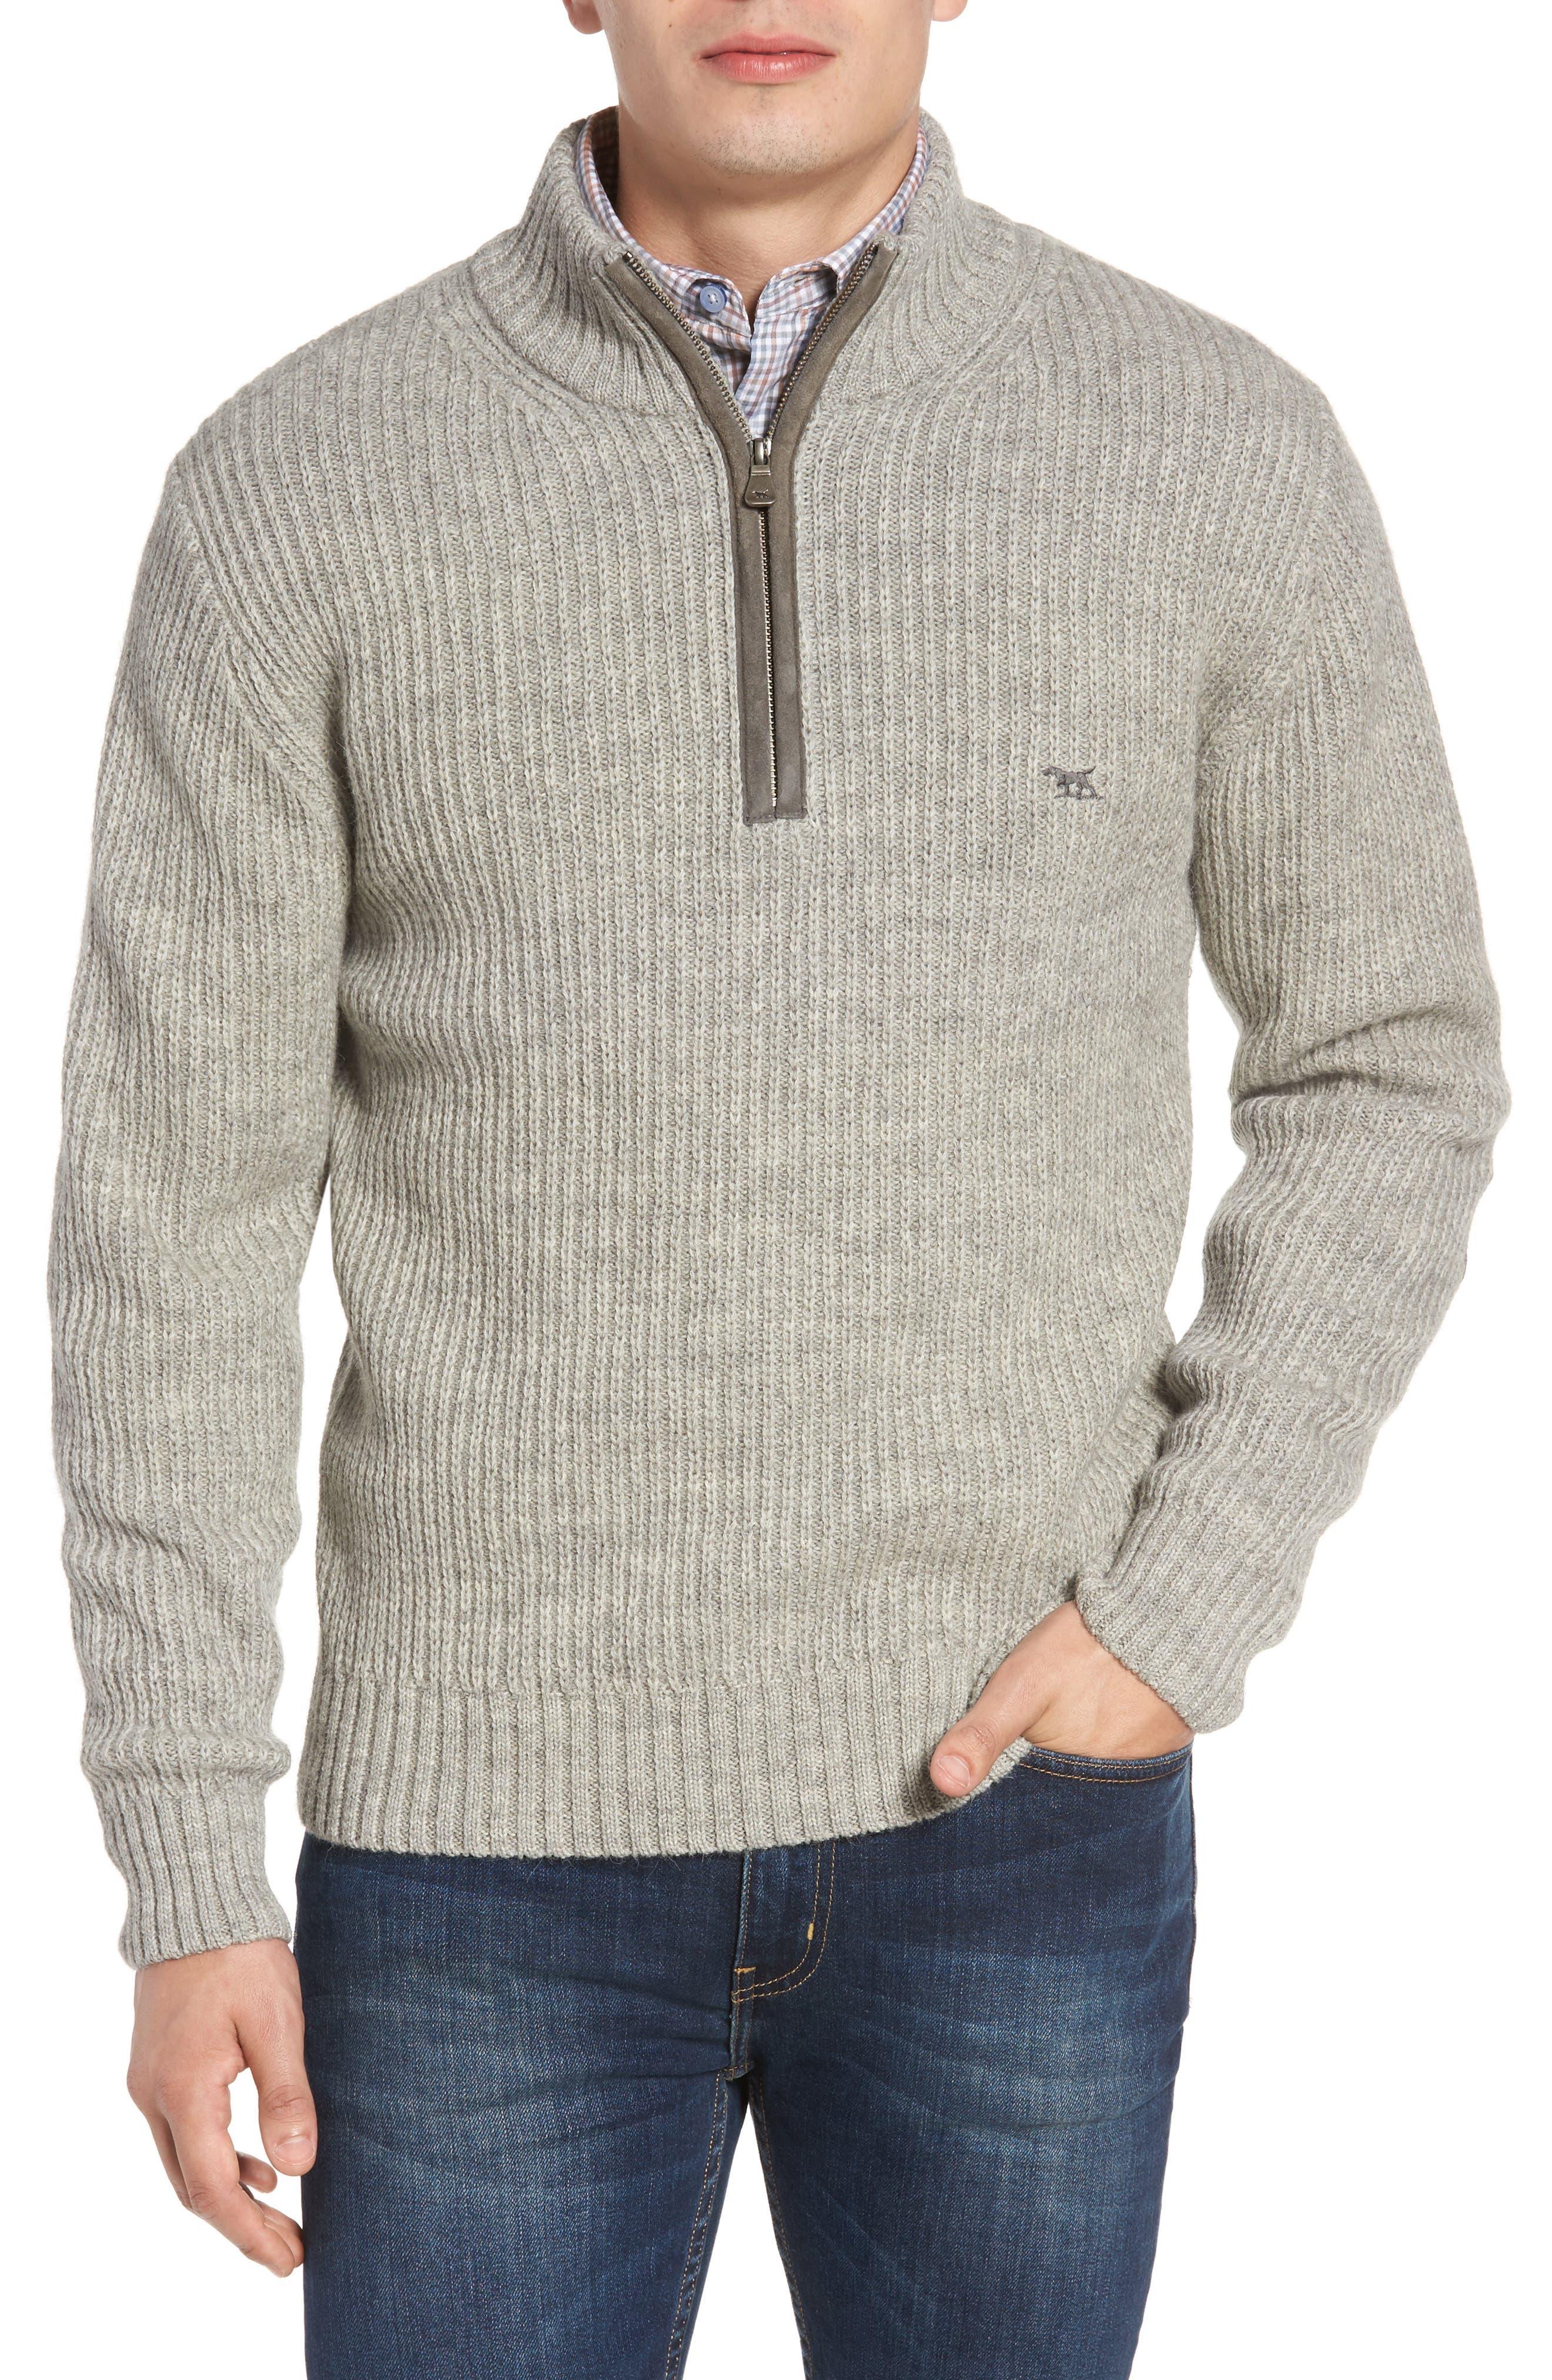 Rodd & Gunn 'Huka Lodge' Merino Wool Blend Quarter Zip Sweater